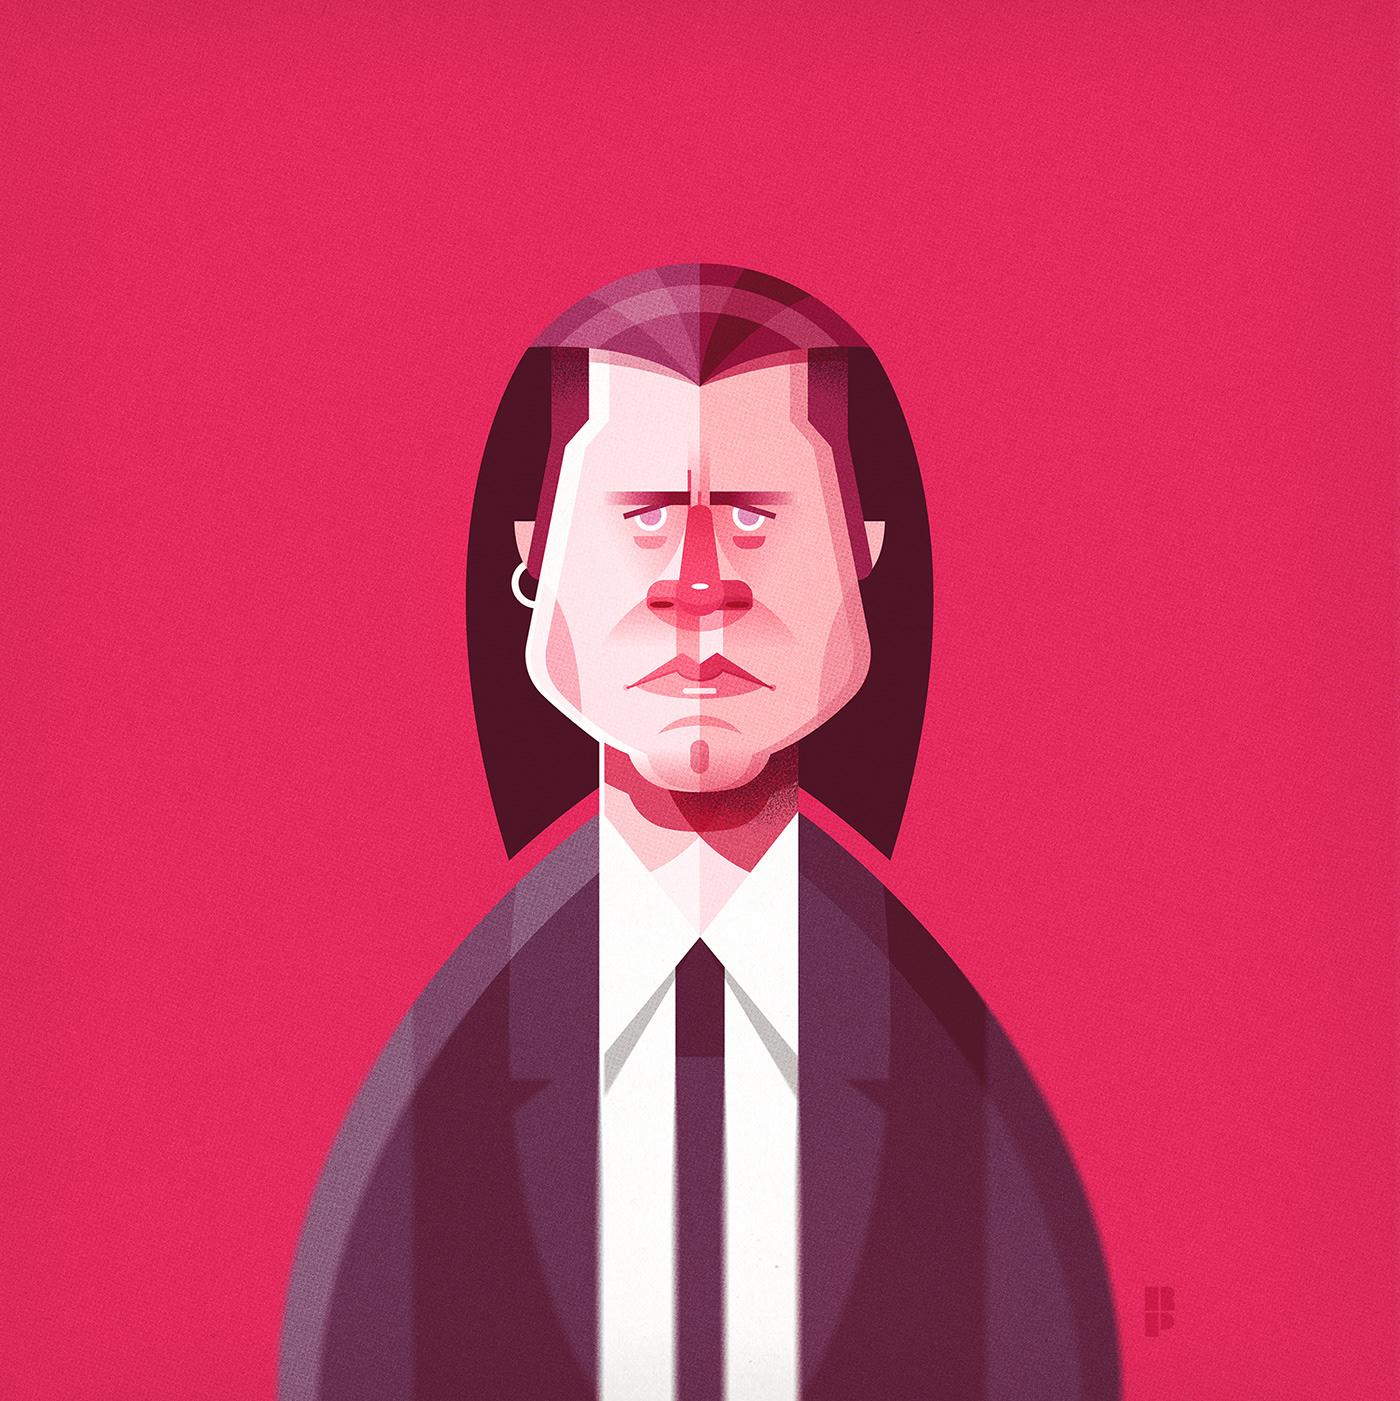 Image may contain: cartoon, human face and man